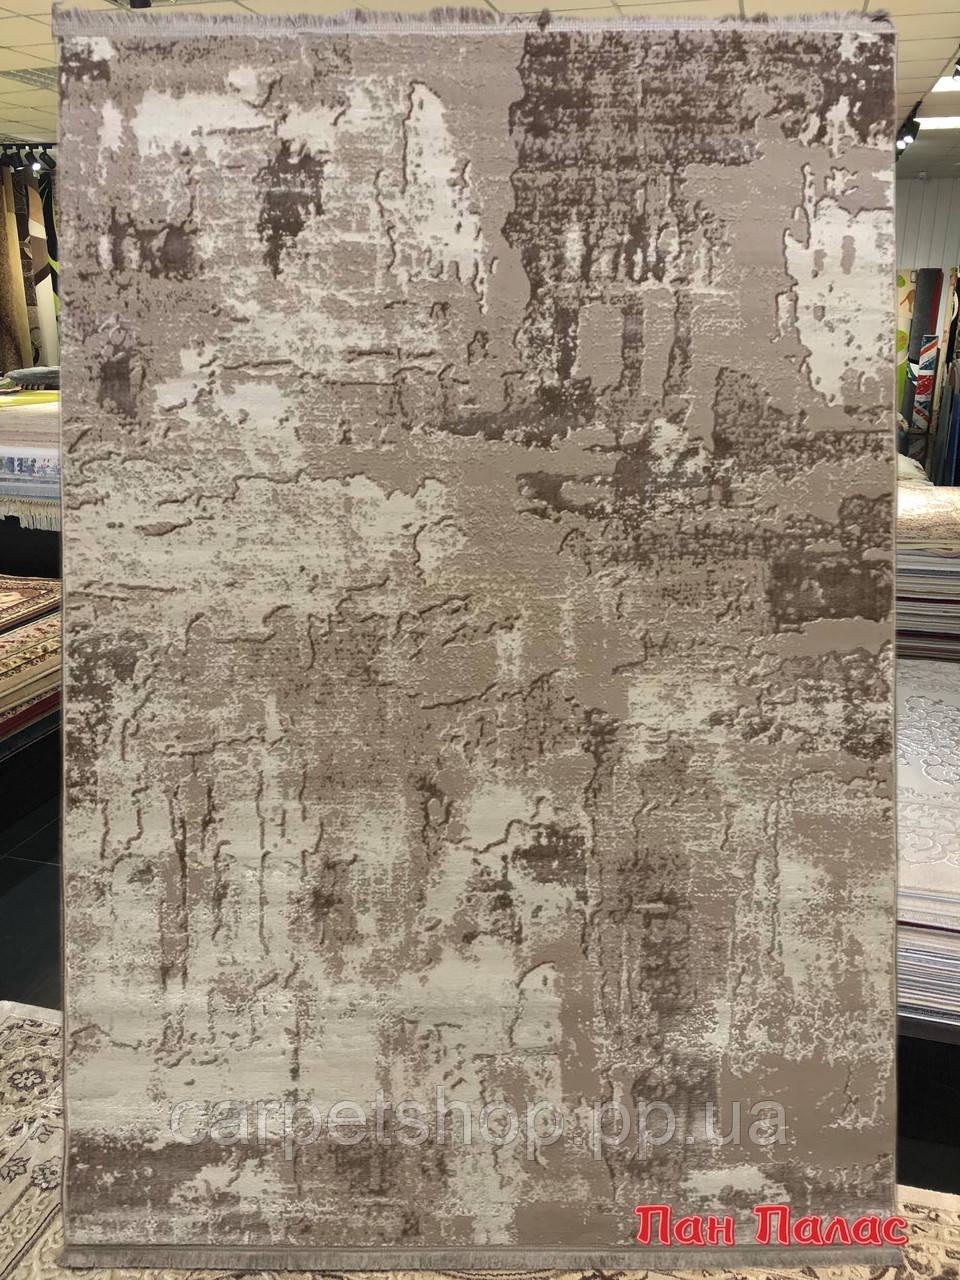 200х300 см Petra Rubin carpet - килим на підлогу, висота ворсу 9 мм.